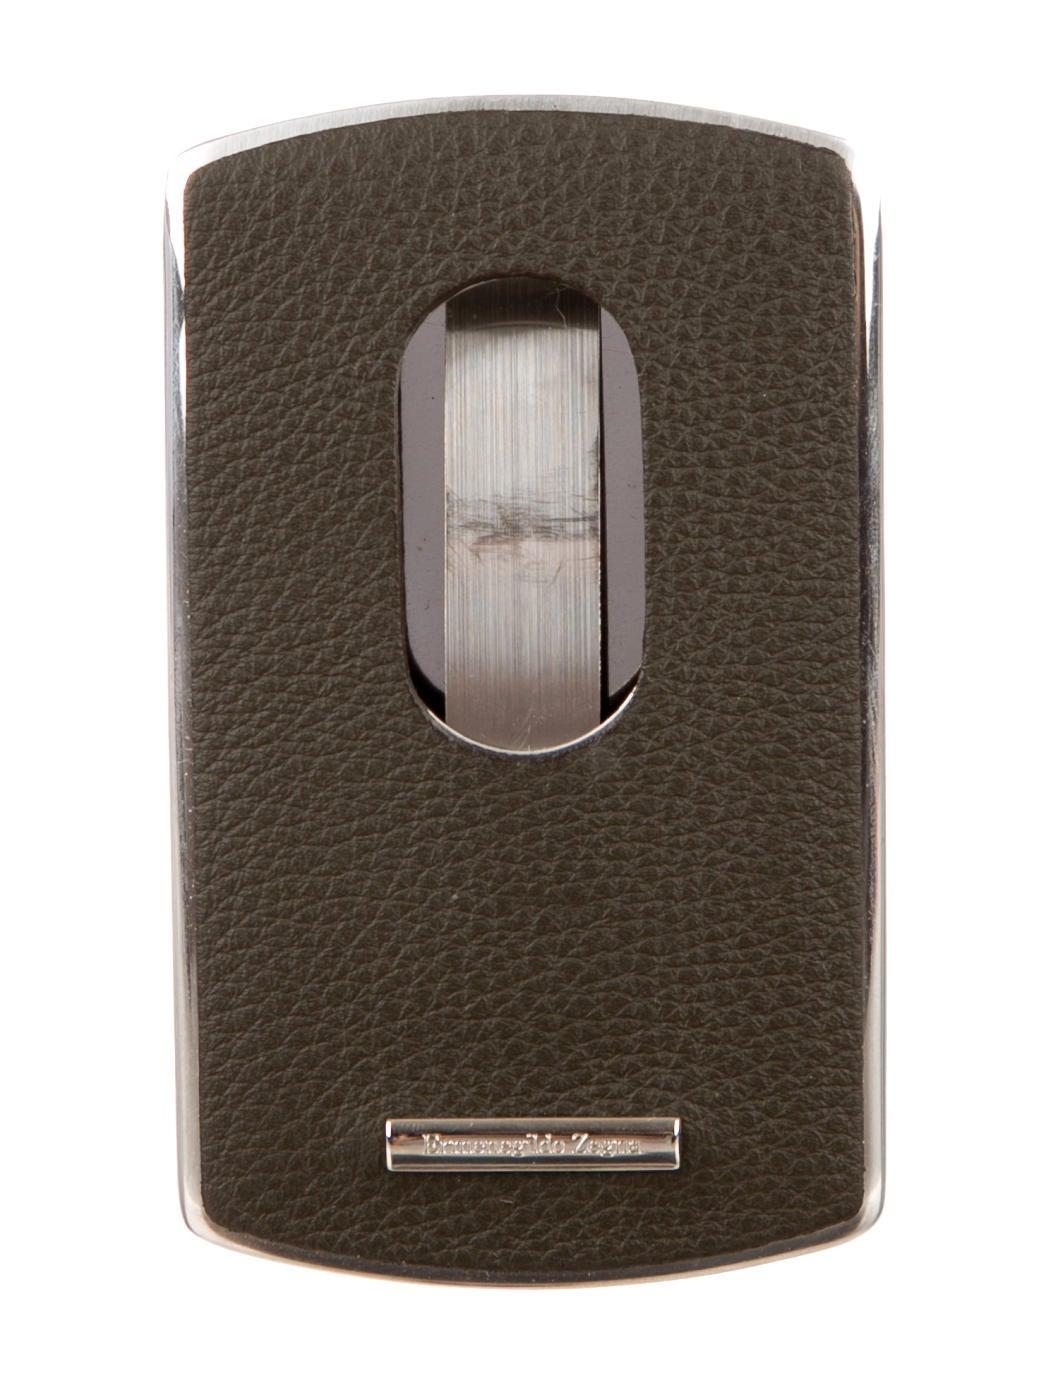 Ermenegildo zegna hamptons business card holder accessories hamptons business card holder reheart Images